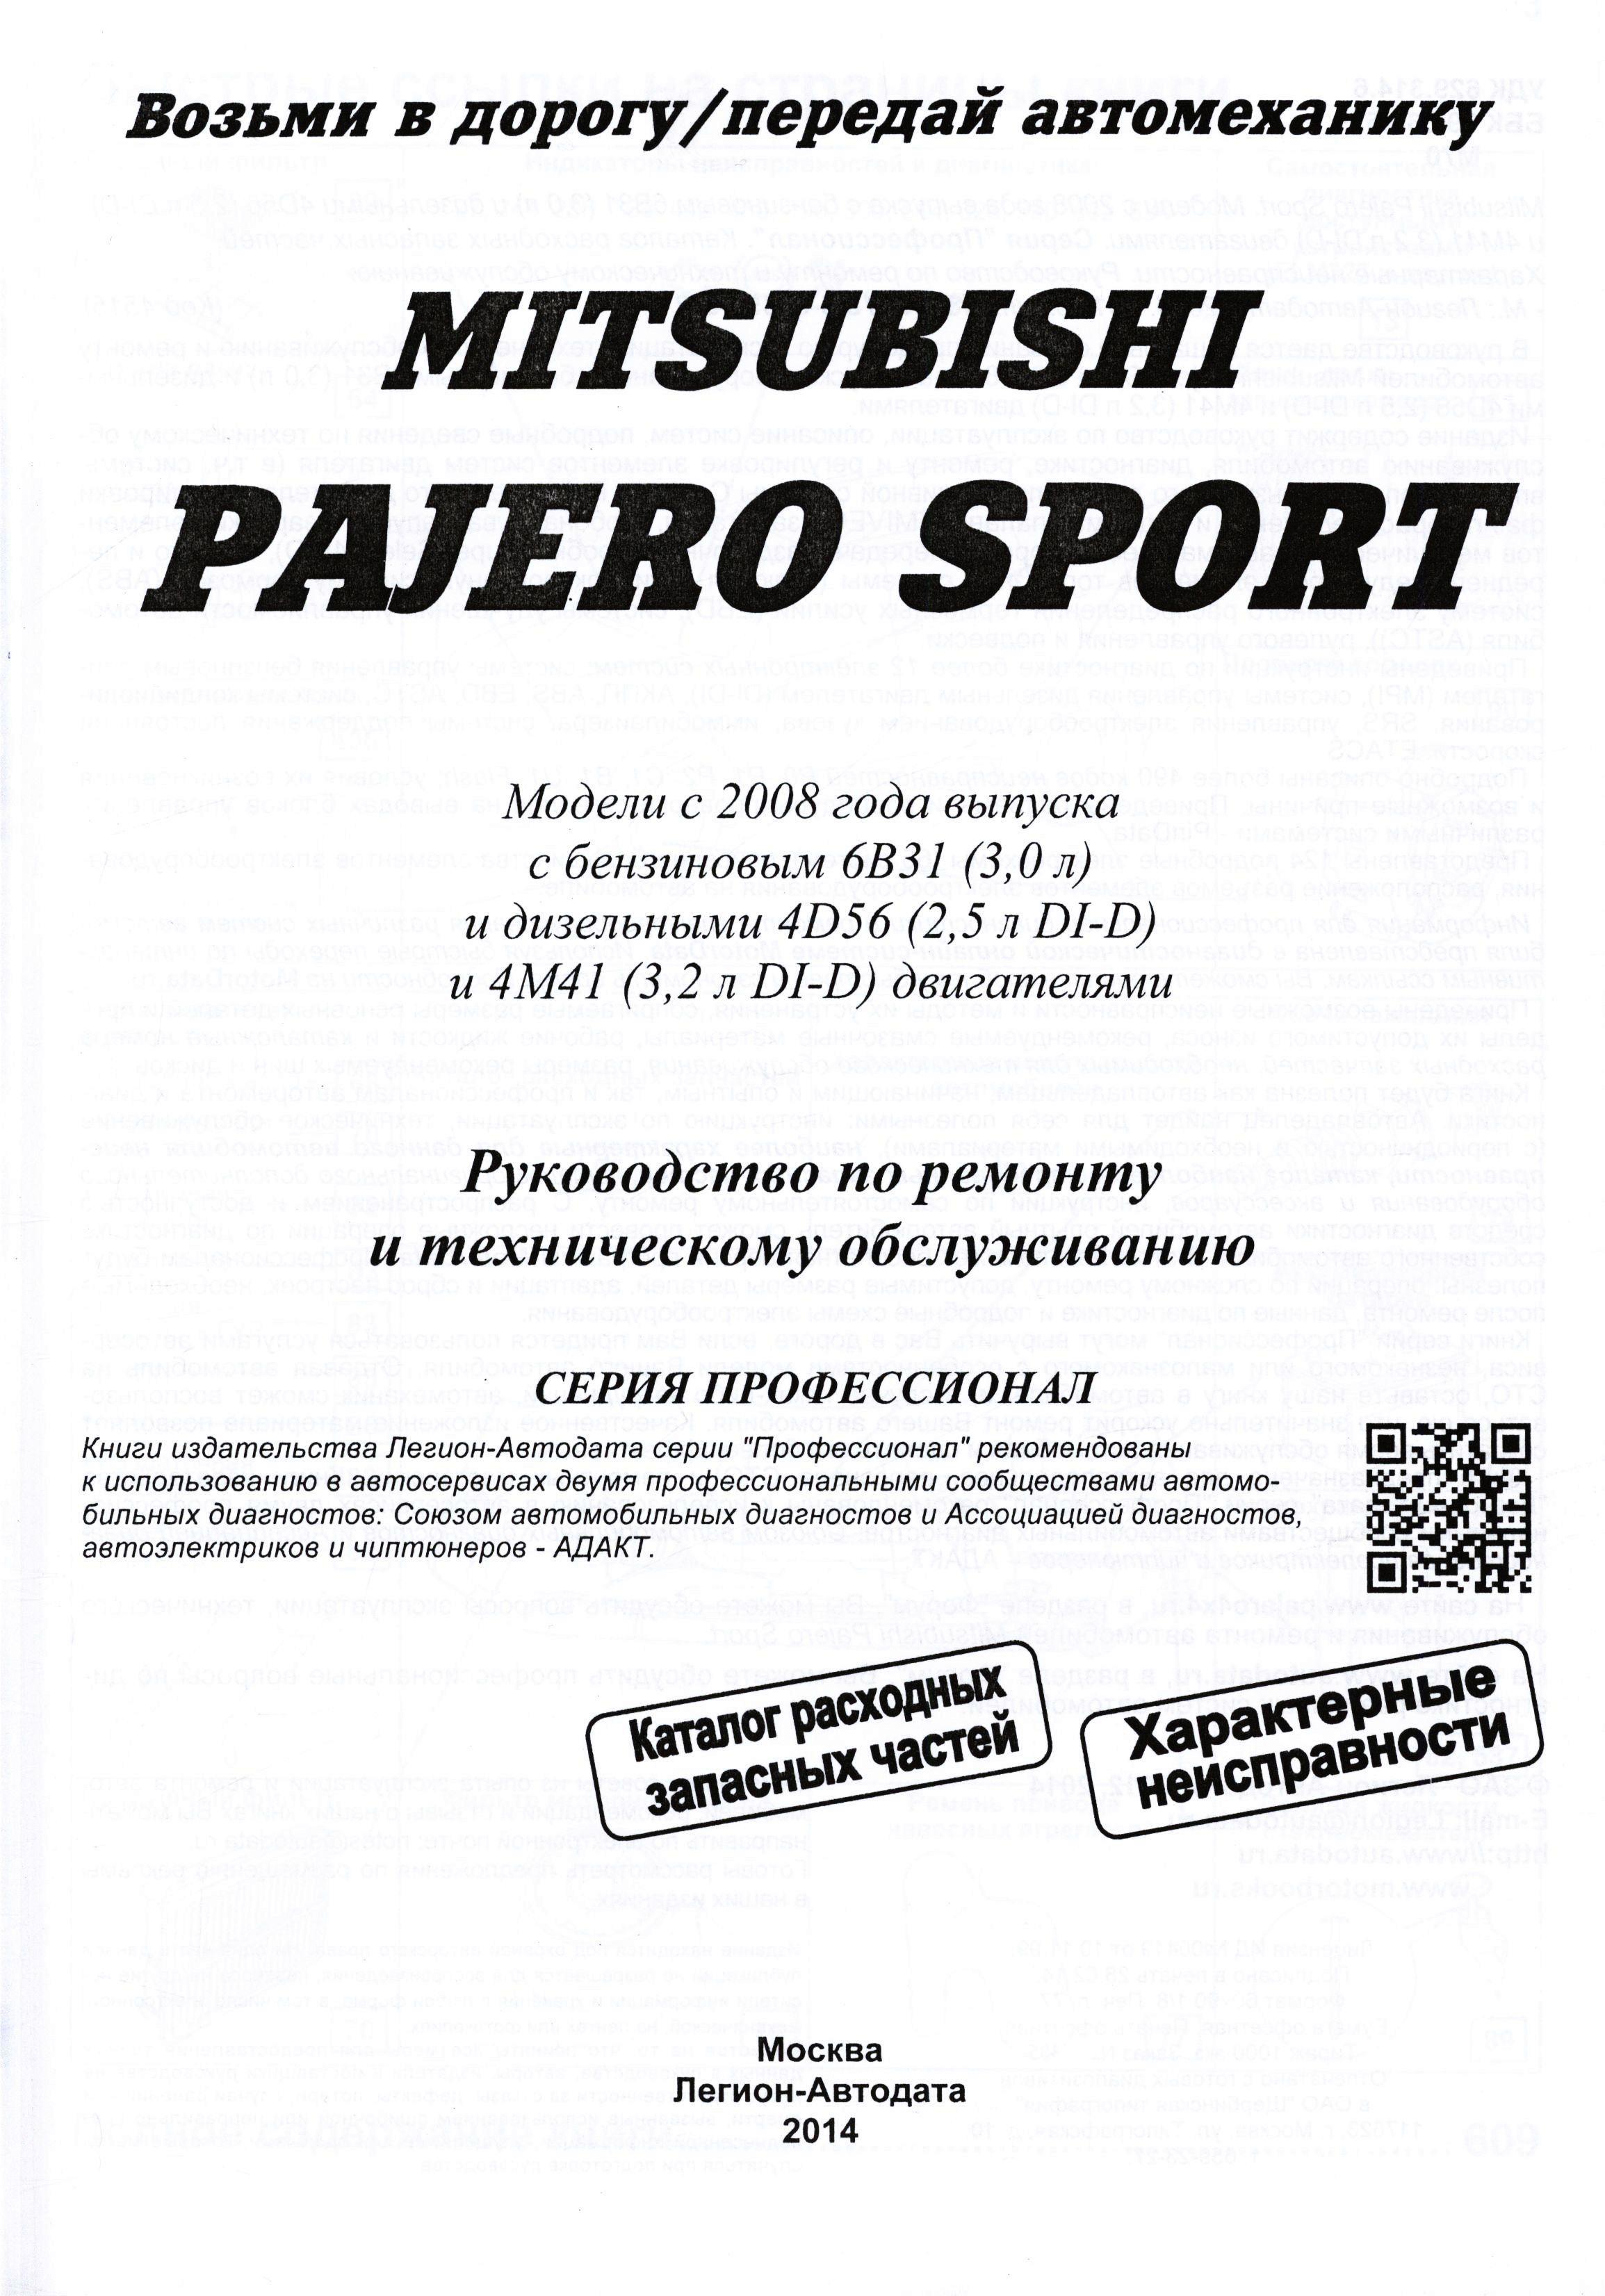 скачать руководство по ремонту мицубиси паджеро спорт 2008